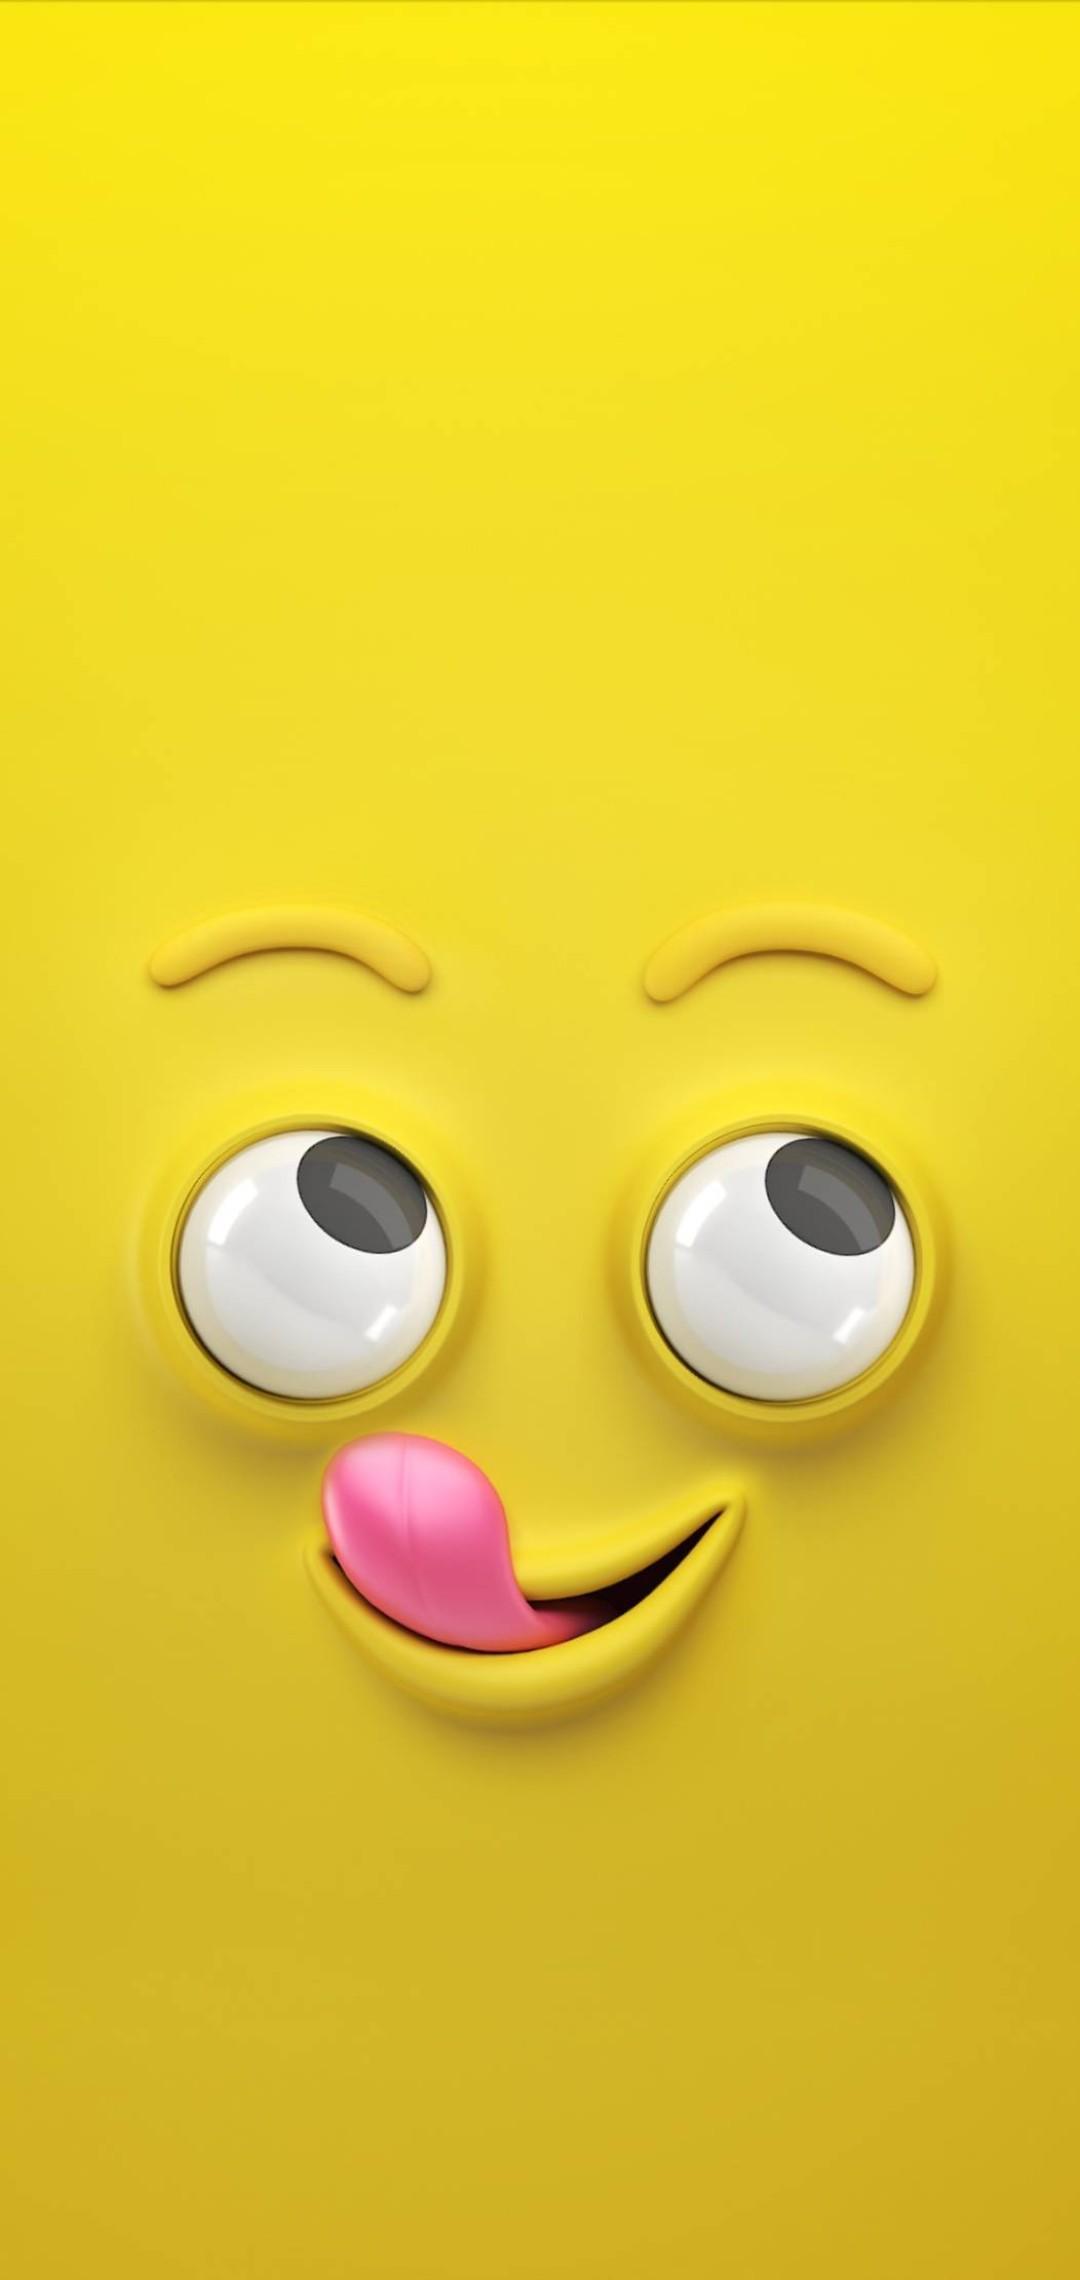 Emoji Phone Wallpaper-54